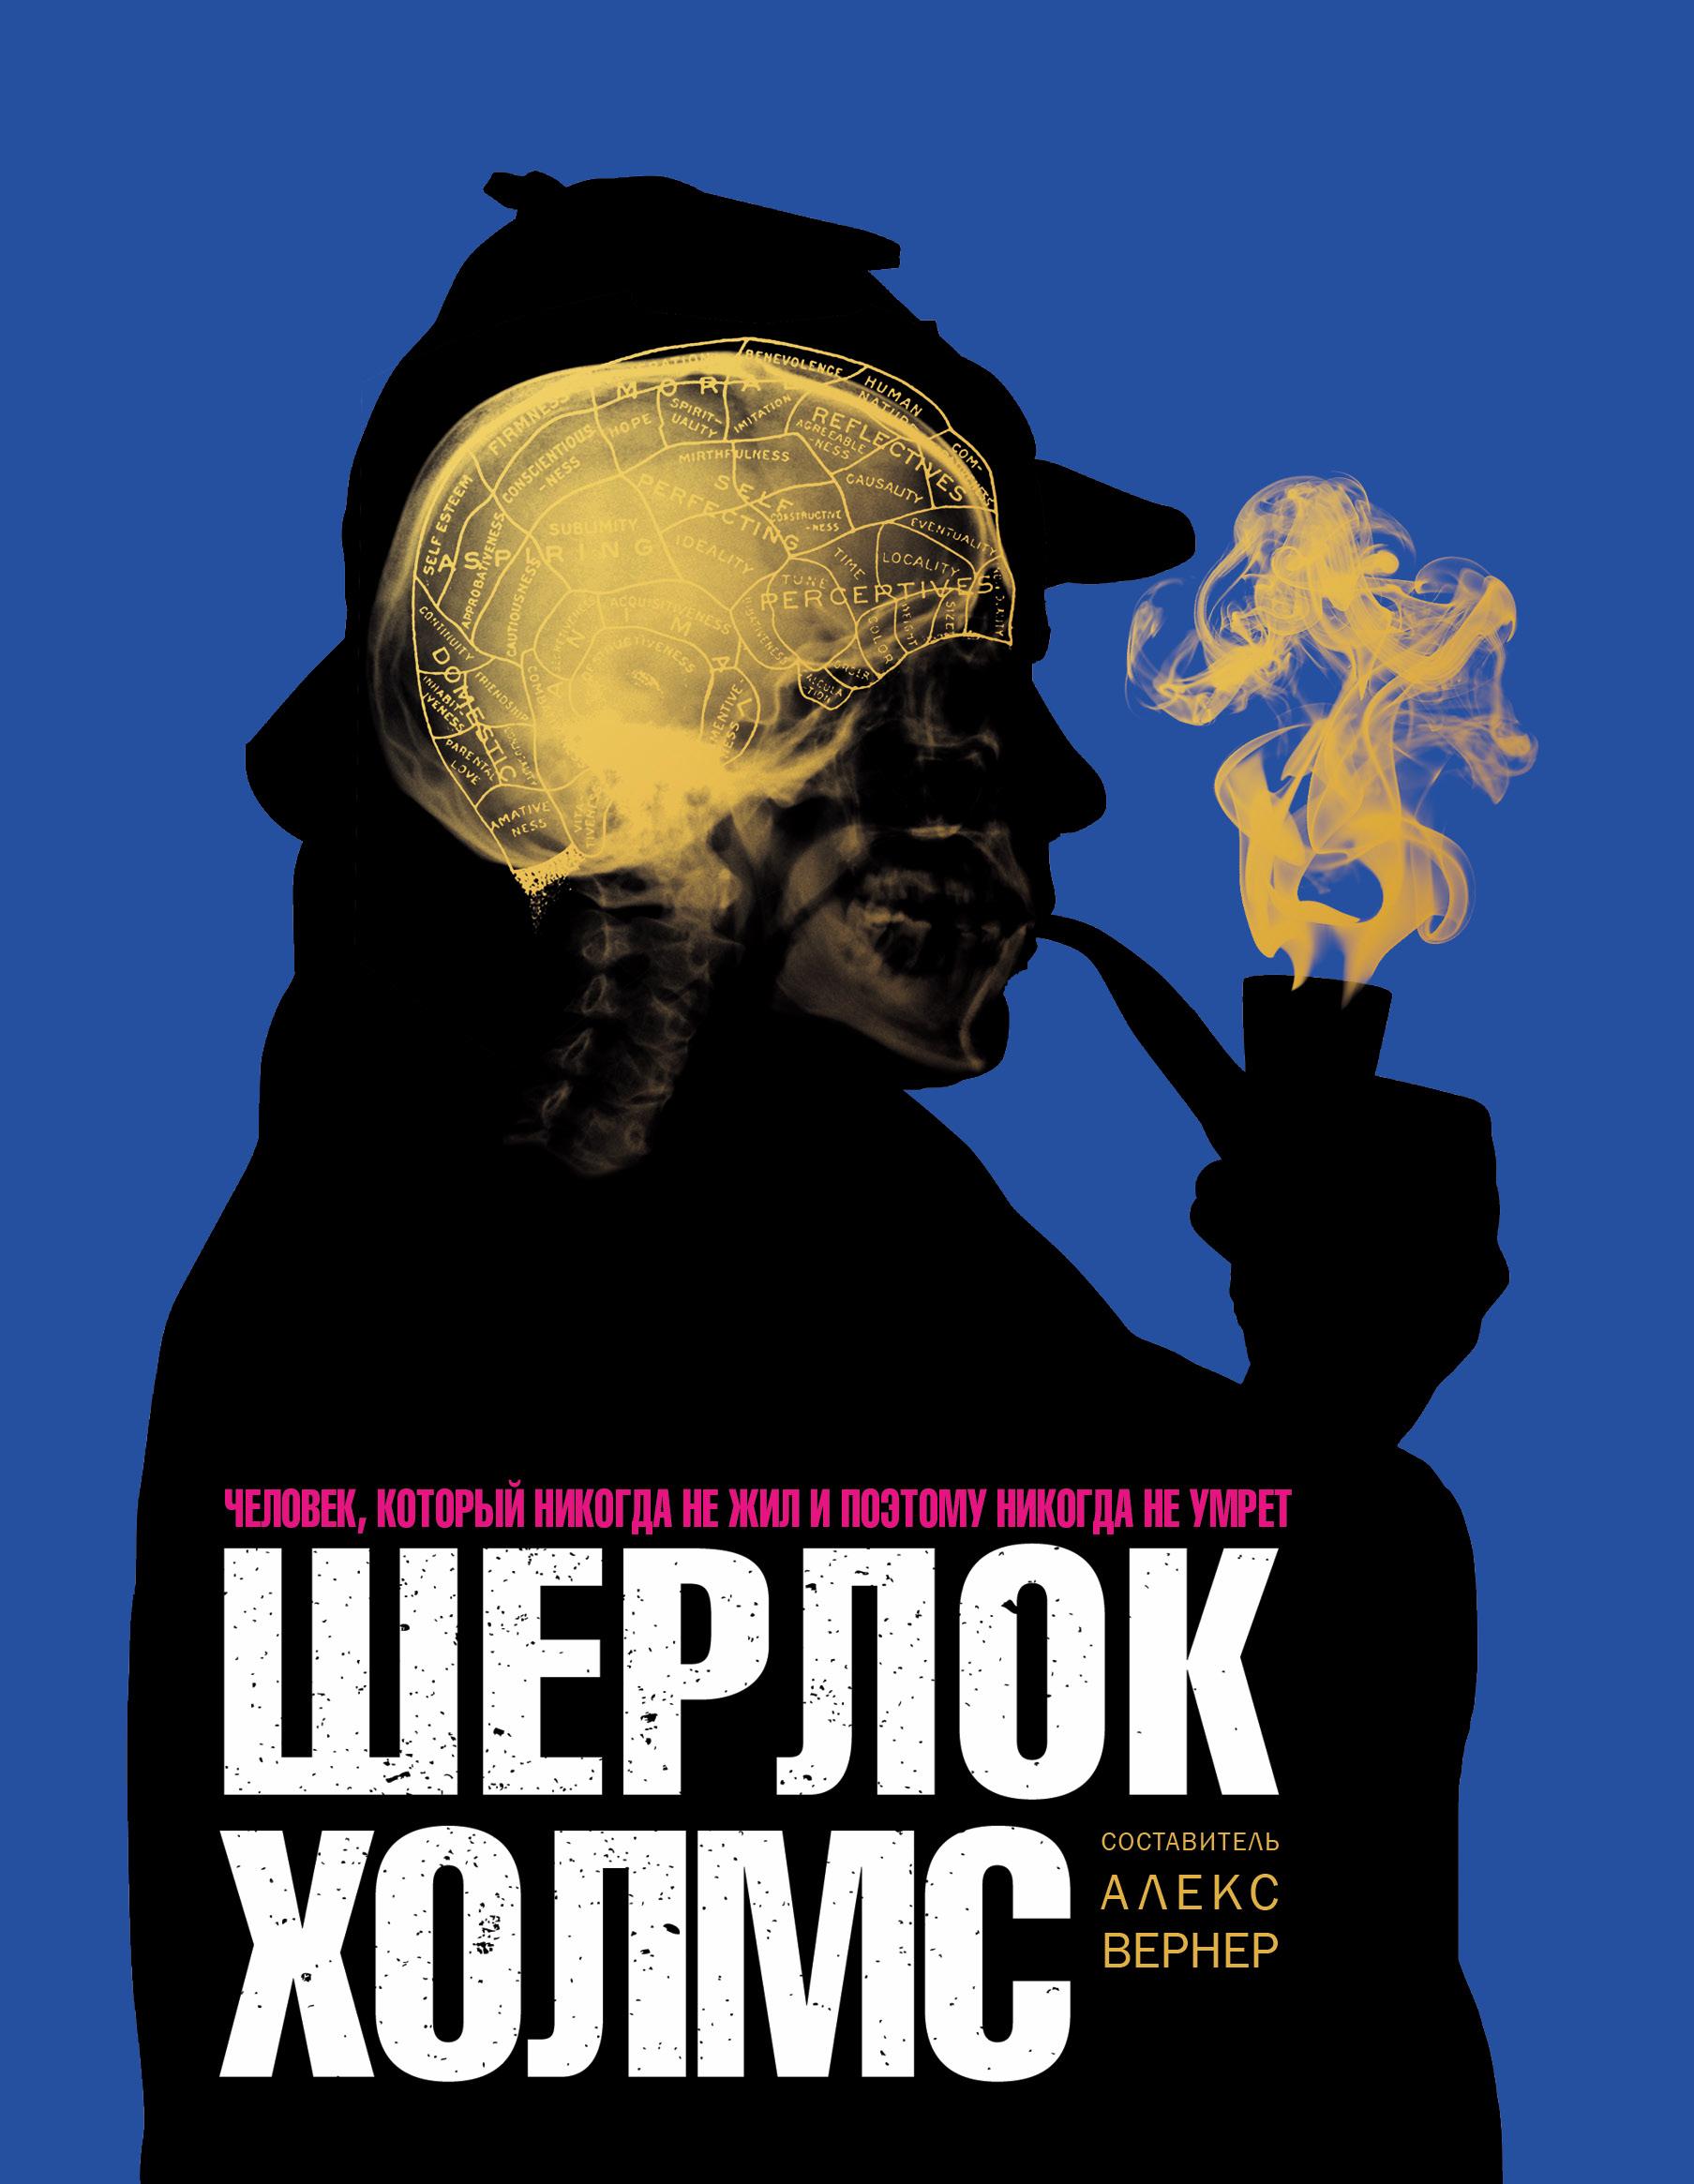 Вернер А. Шерлок Холмс. Человек, который никогда не жил и поэтому никогда не умрёт все цены